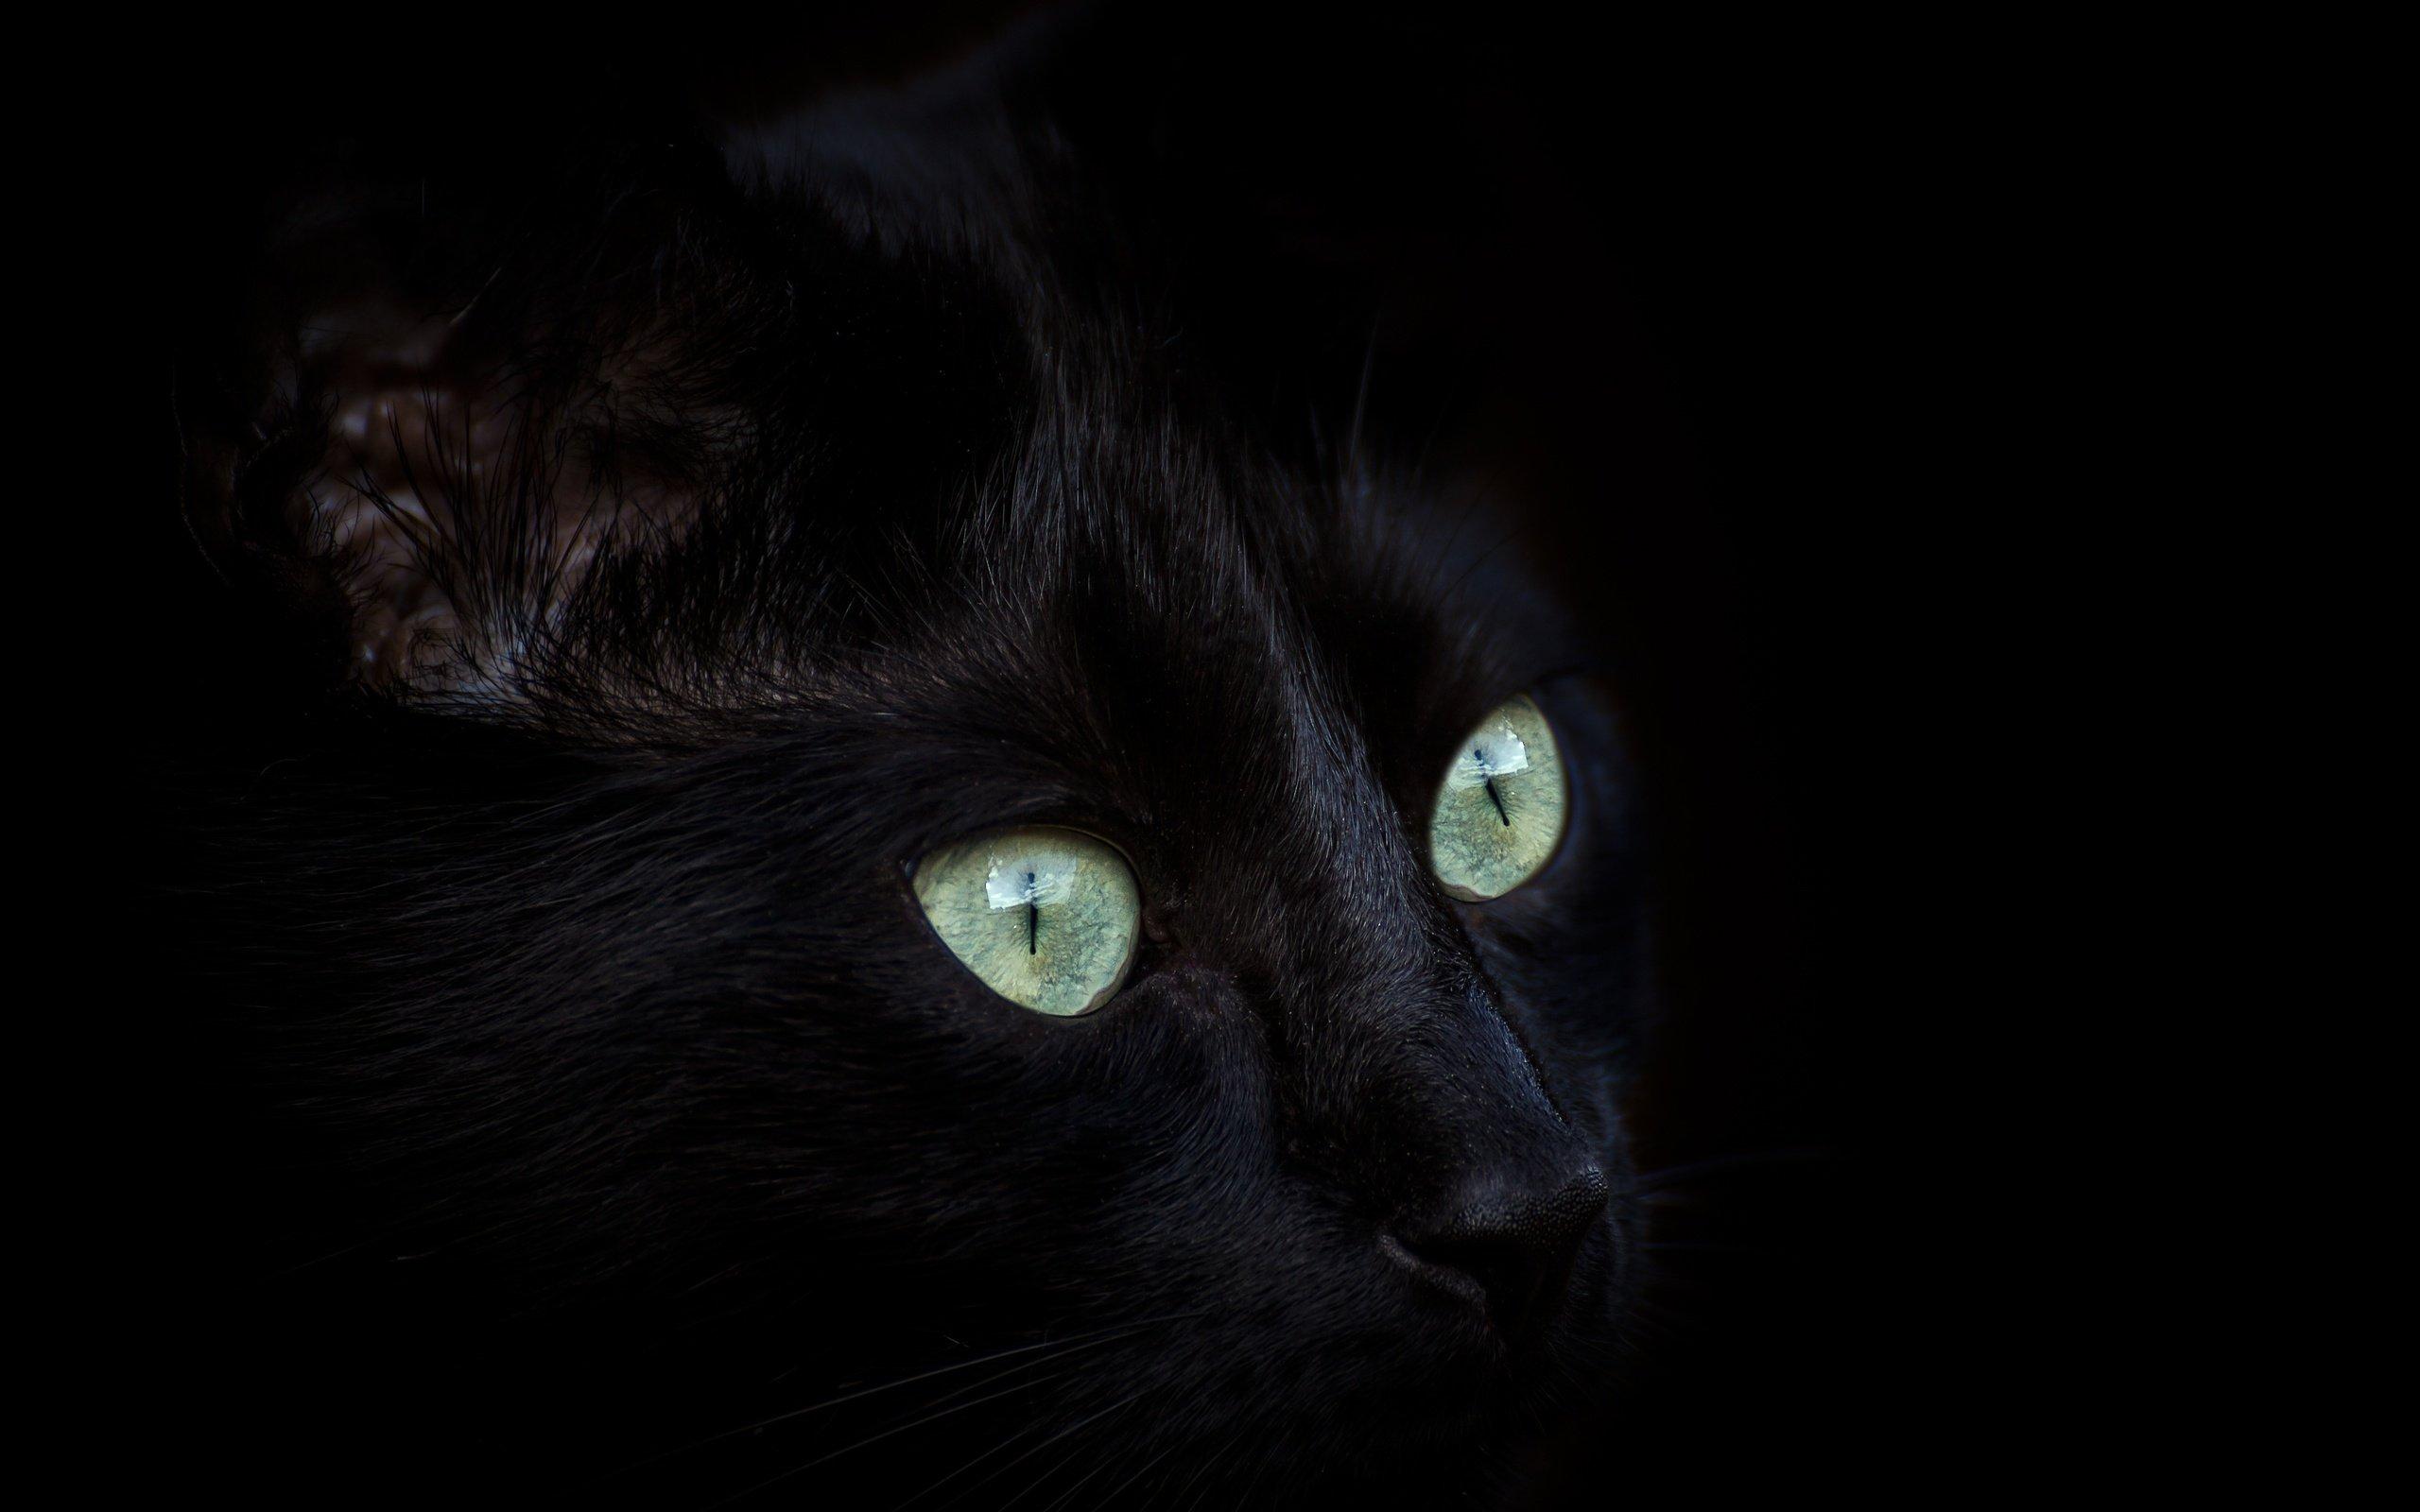 населенный картинки глаз черной кошки давно известны